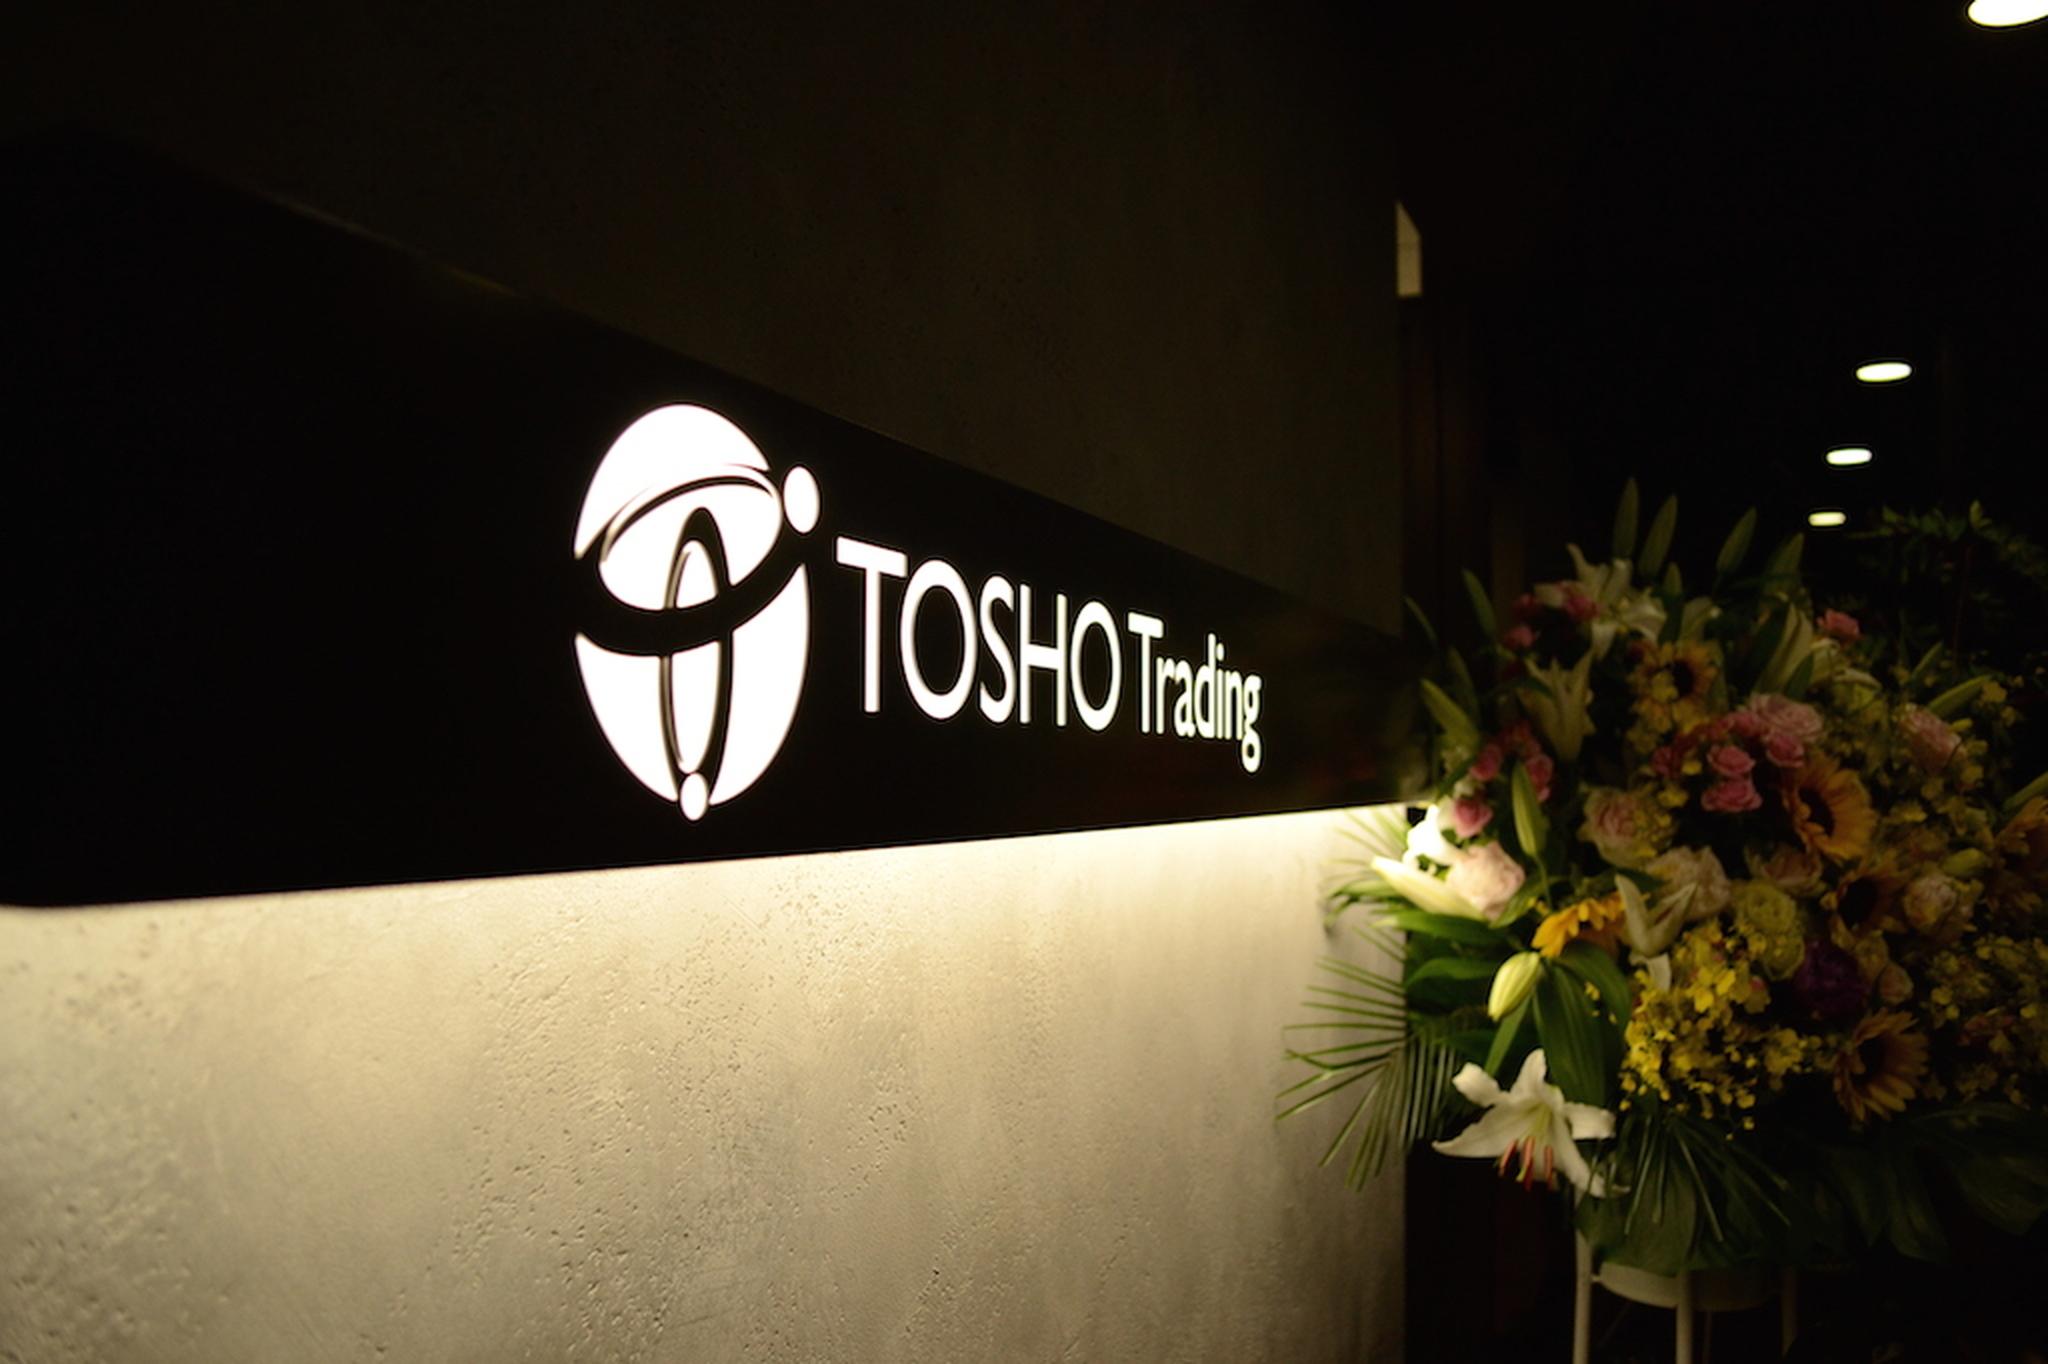 東晶貿易株式会社